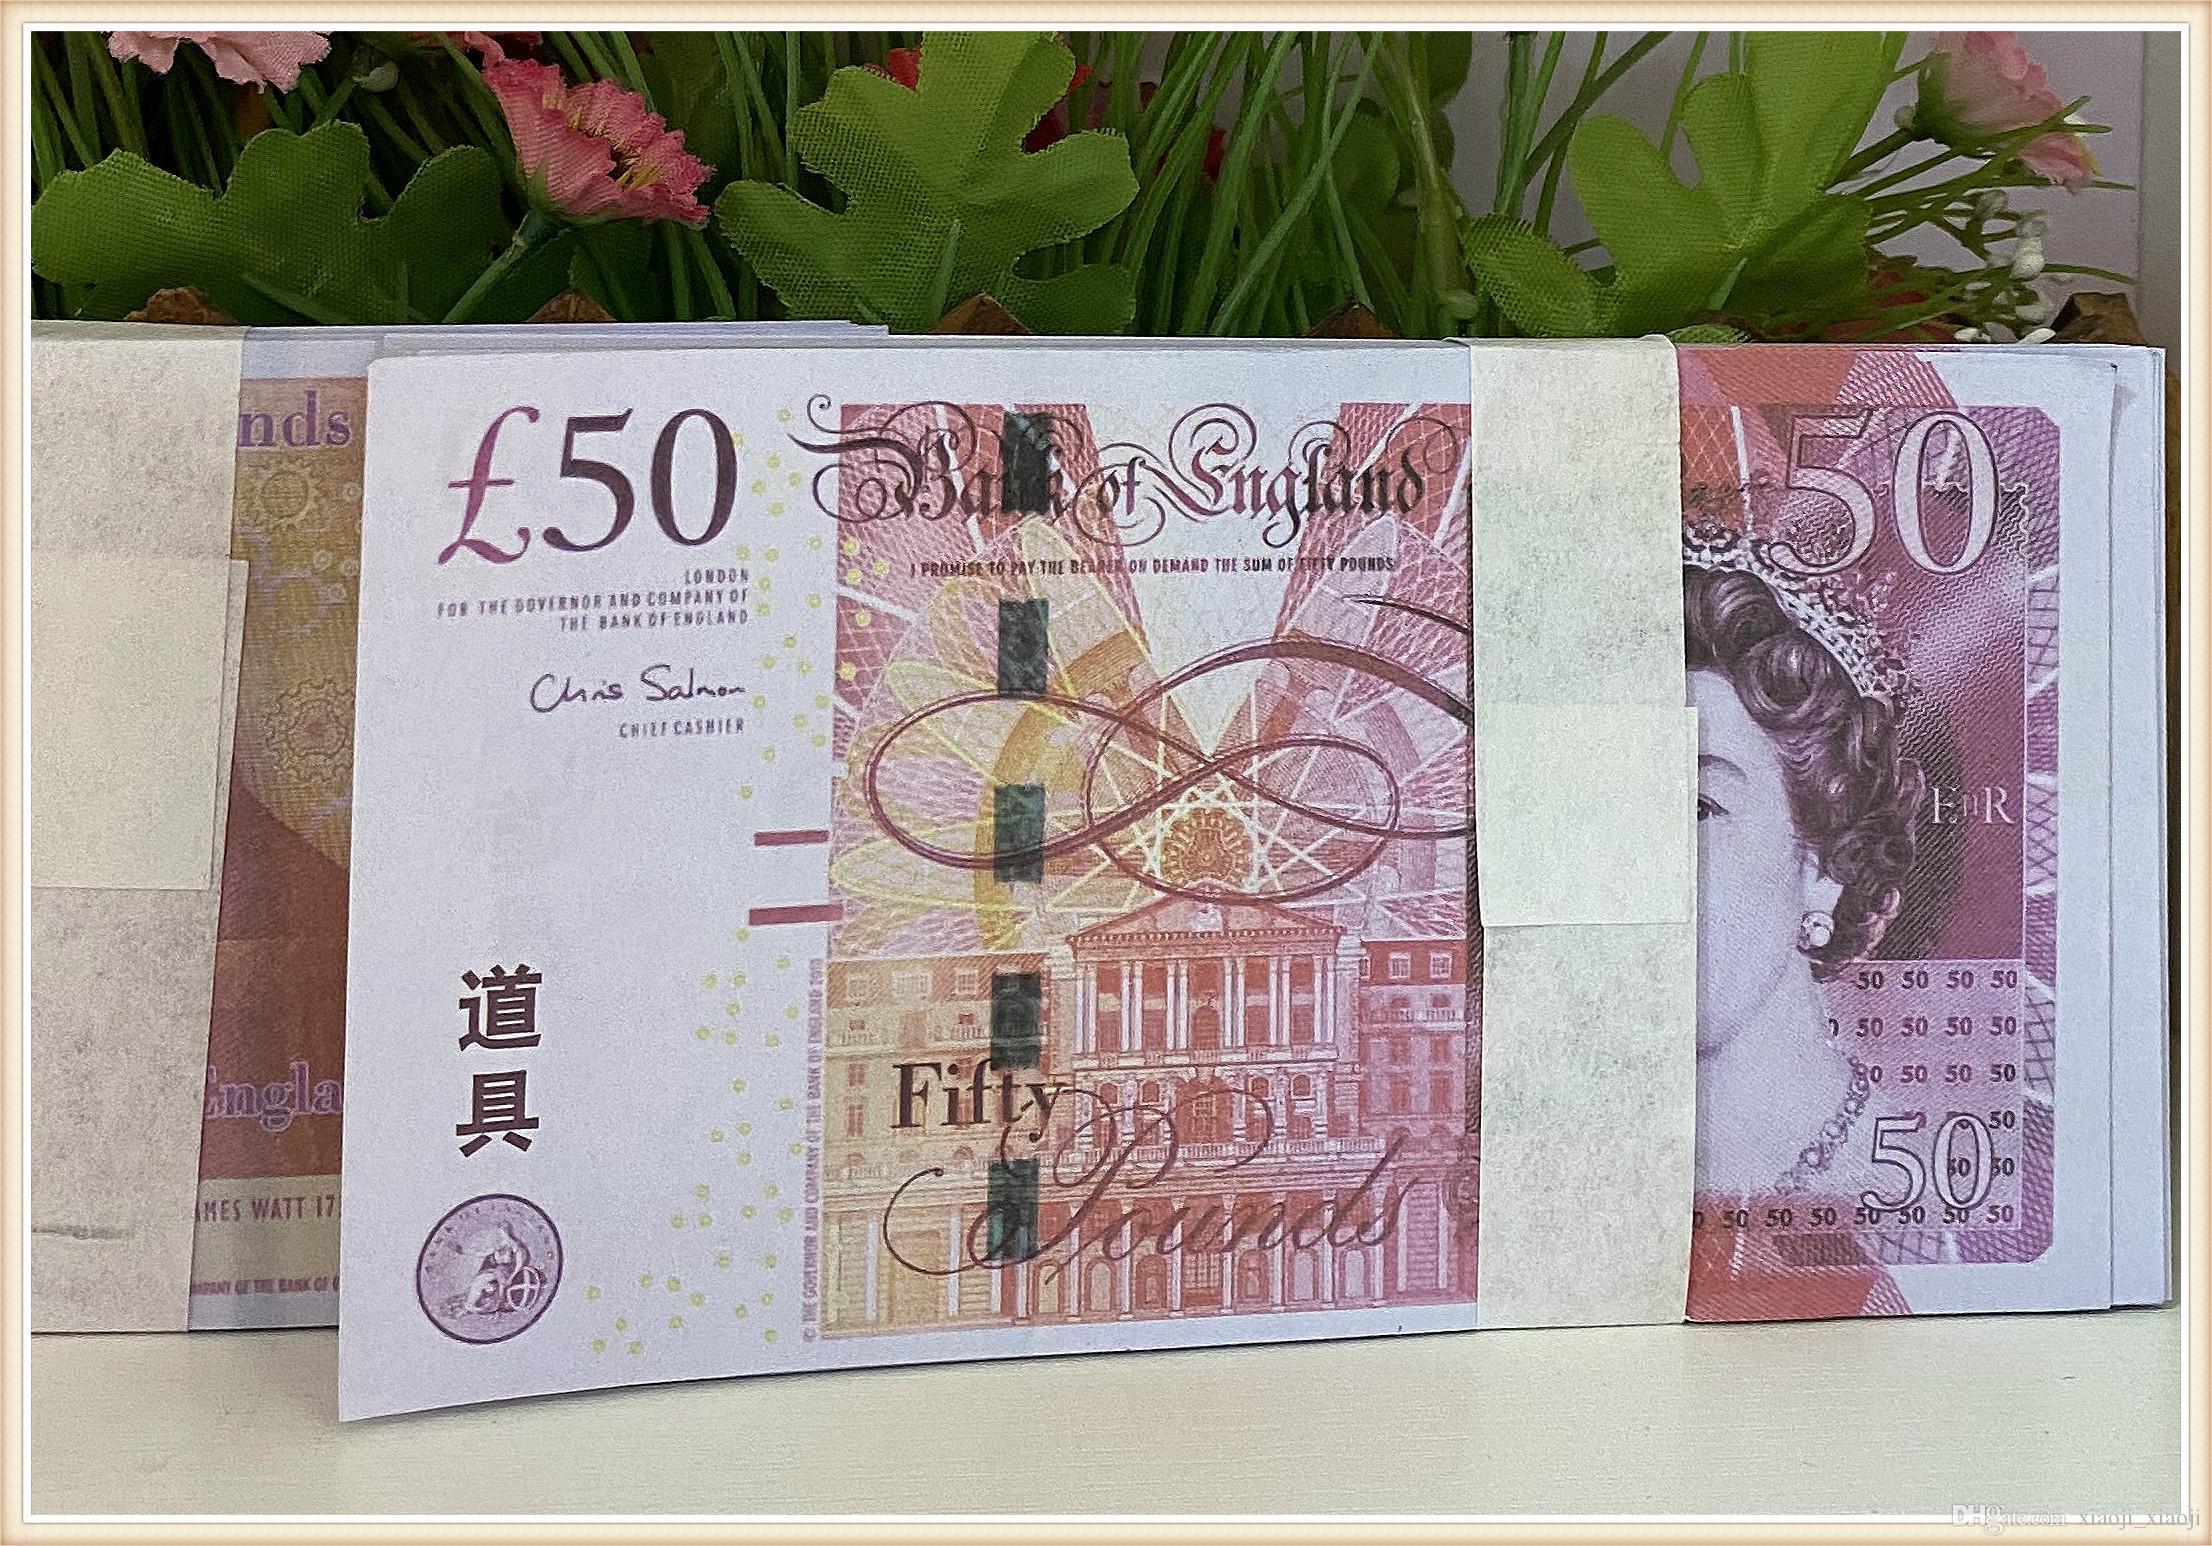 Melhor Falsa Prop Moeda 987 Banknote BankNote Qualidade Dólar Prop 99988 Filme Brinquedo Crianças Presente Dinheiro Partido QHHPO